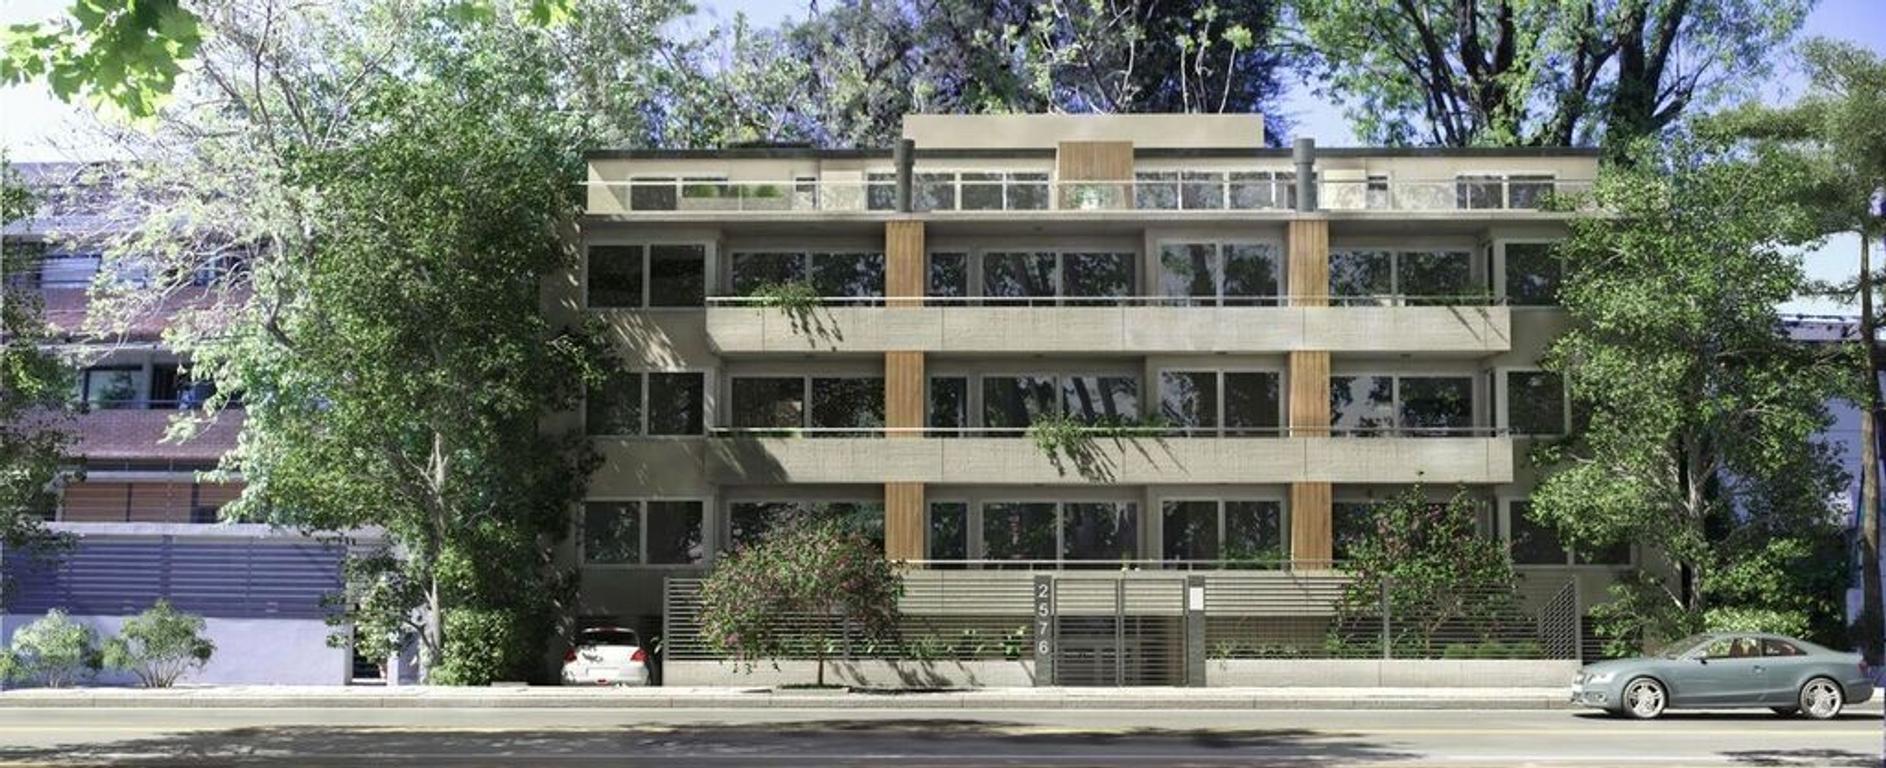 Departamento  en Venta ubicado en San Fernando, Zona Norte - LOM0534_LP122492_1